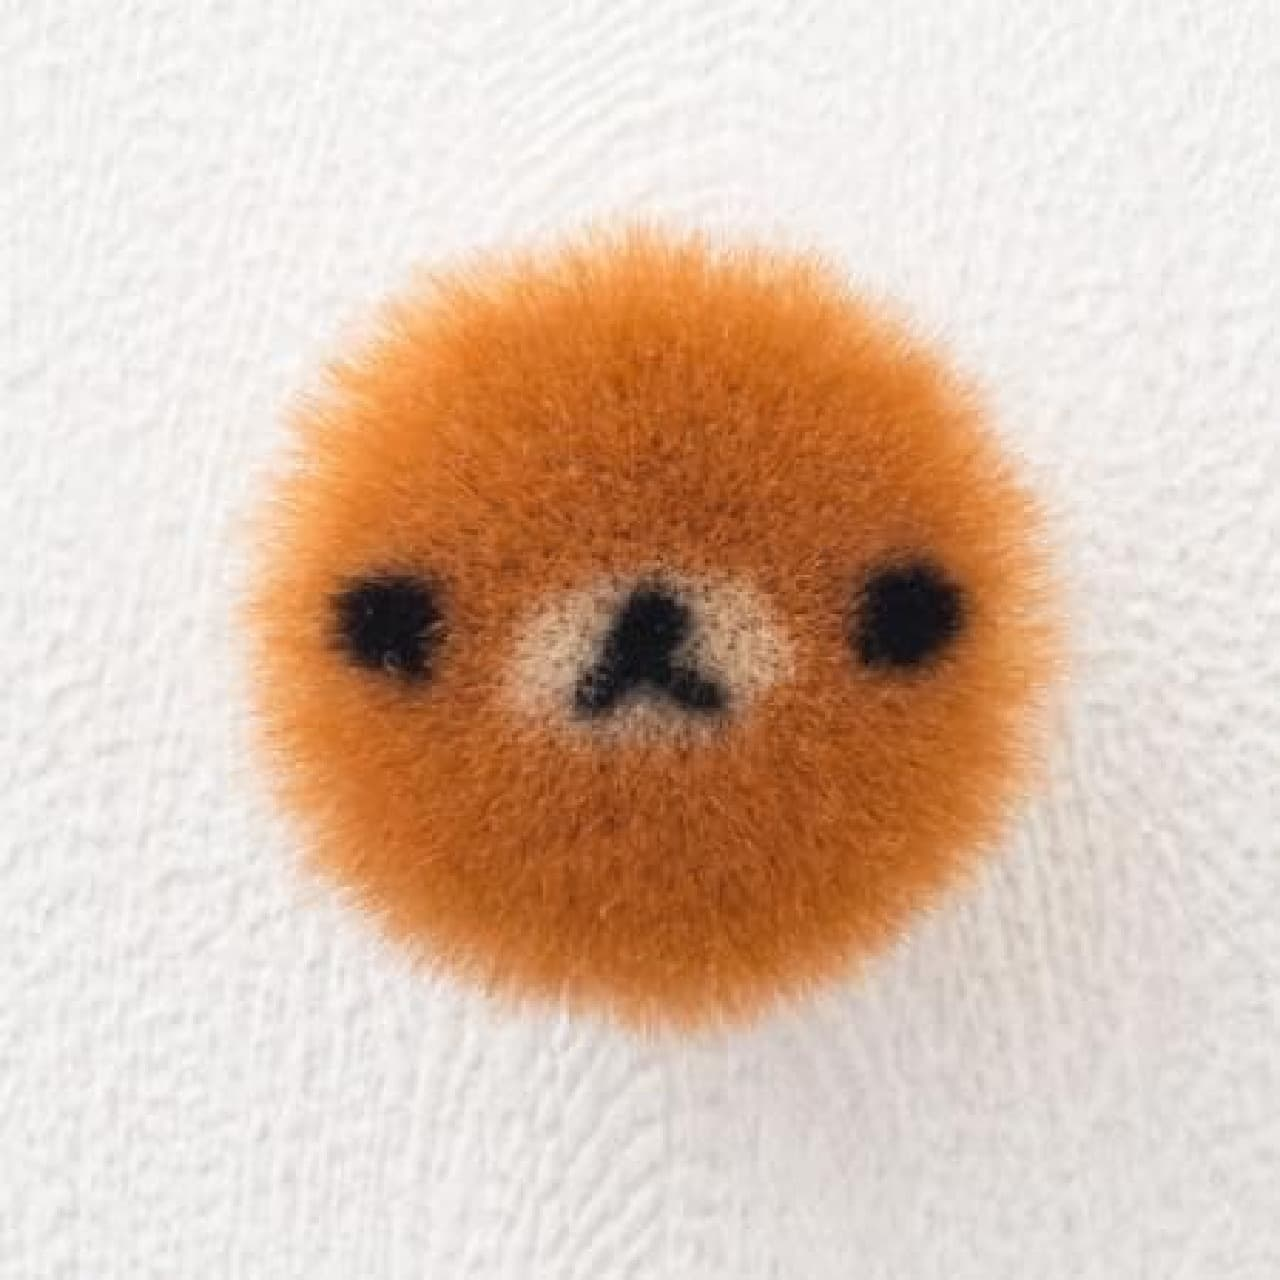 熊野筆×リラックマ「リラックマクマノフデ」